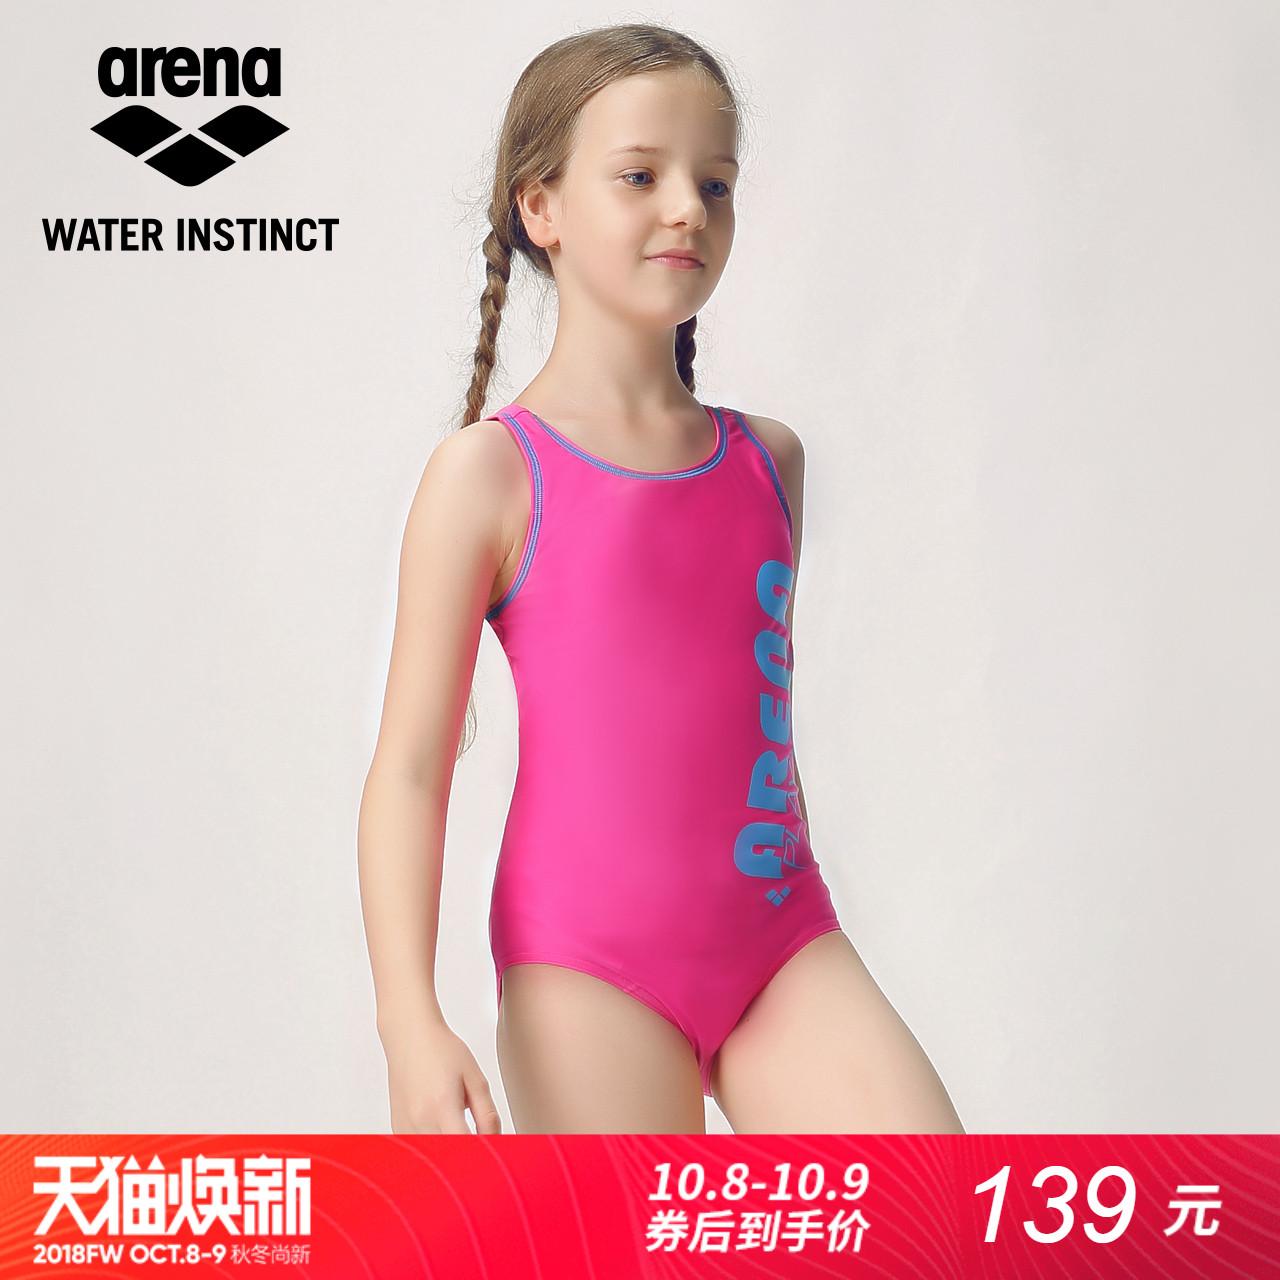 ARENA阿瑞娜2018新品 儿童青少年女童连体三角泳衣 带胸垫